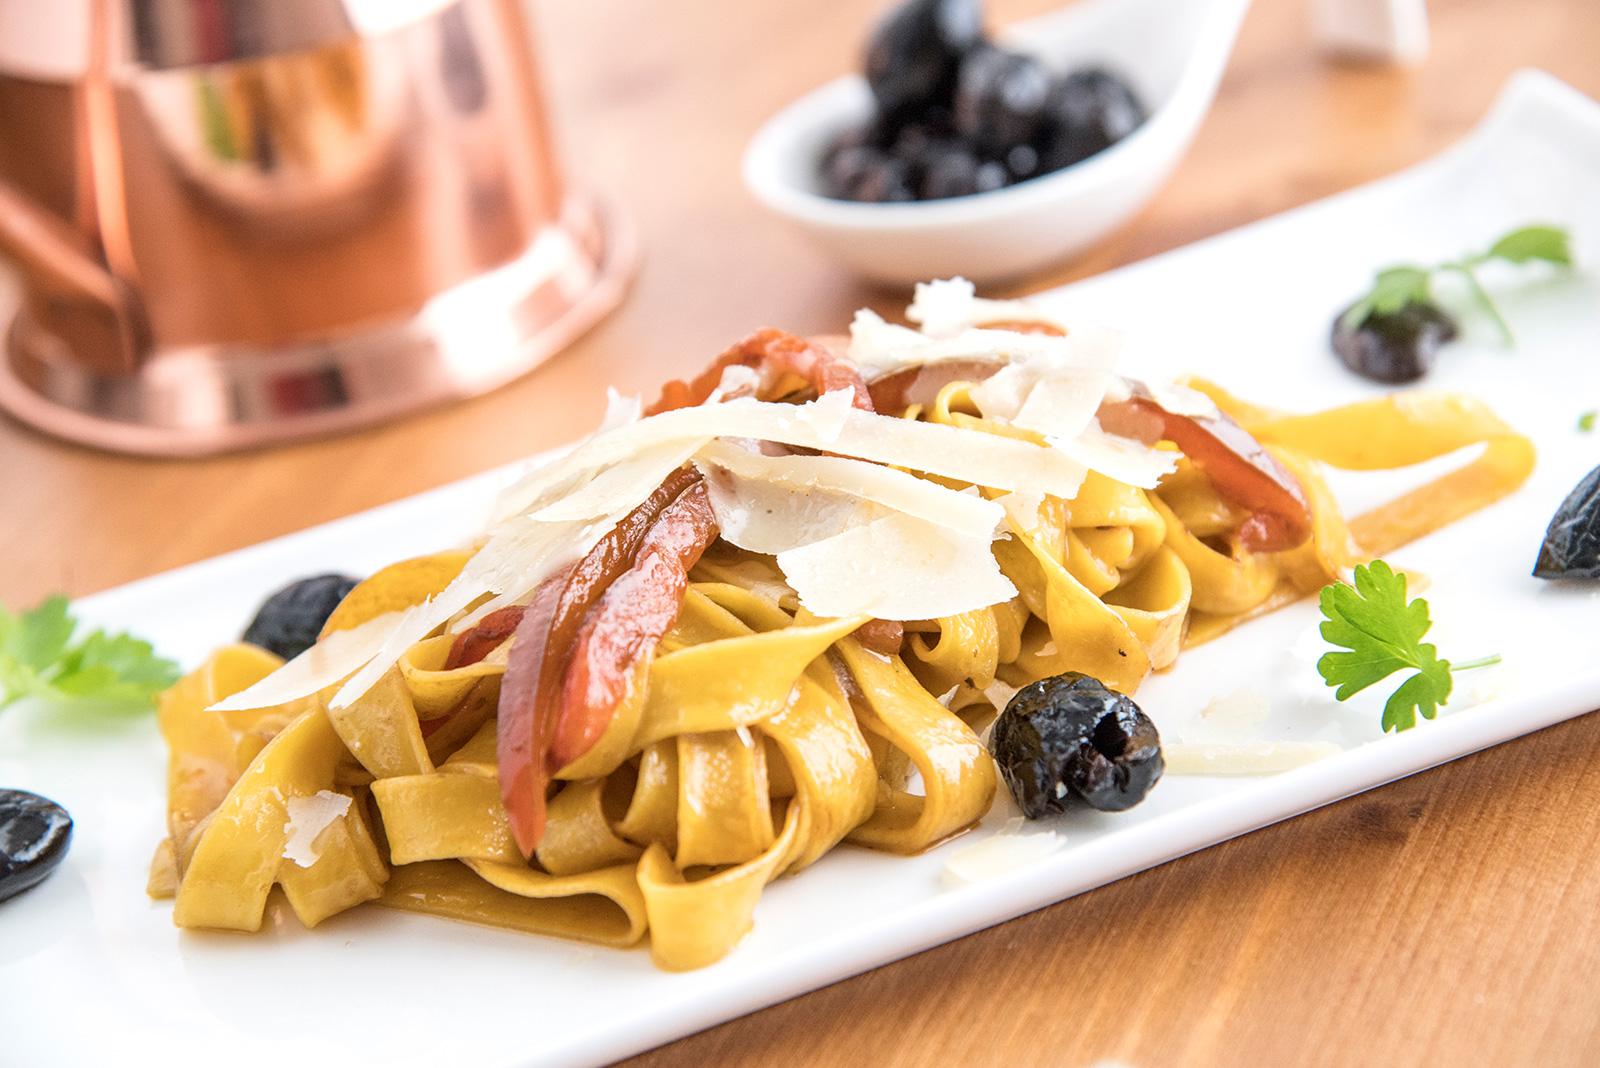 Ricetta Tagliatelle Senza Glutine con Olive e Peperoni - Pasta di Venezia